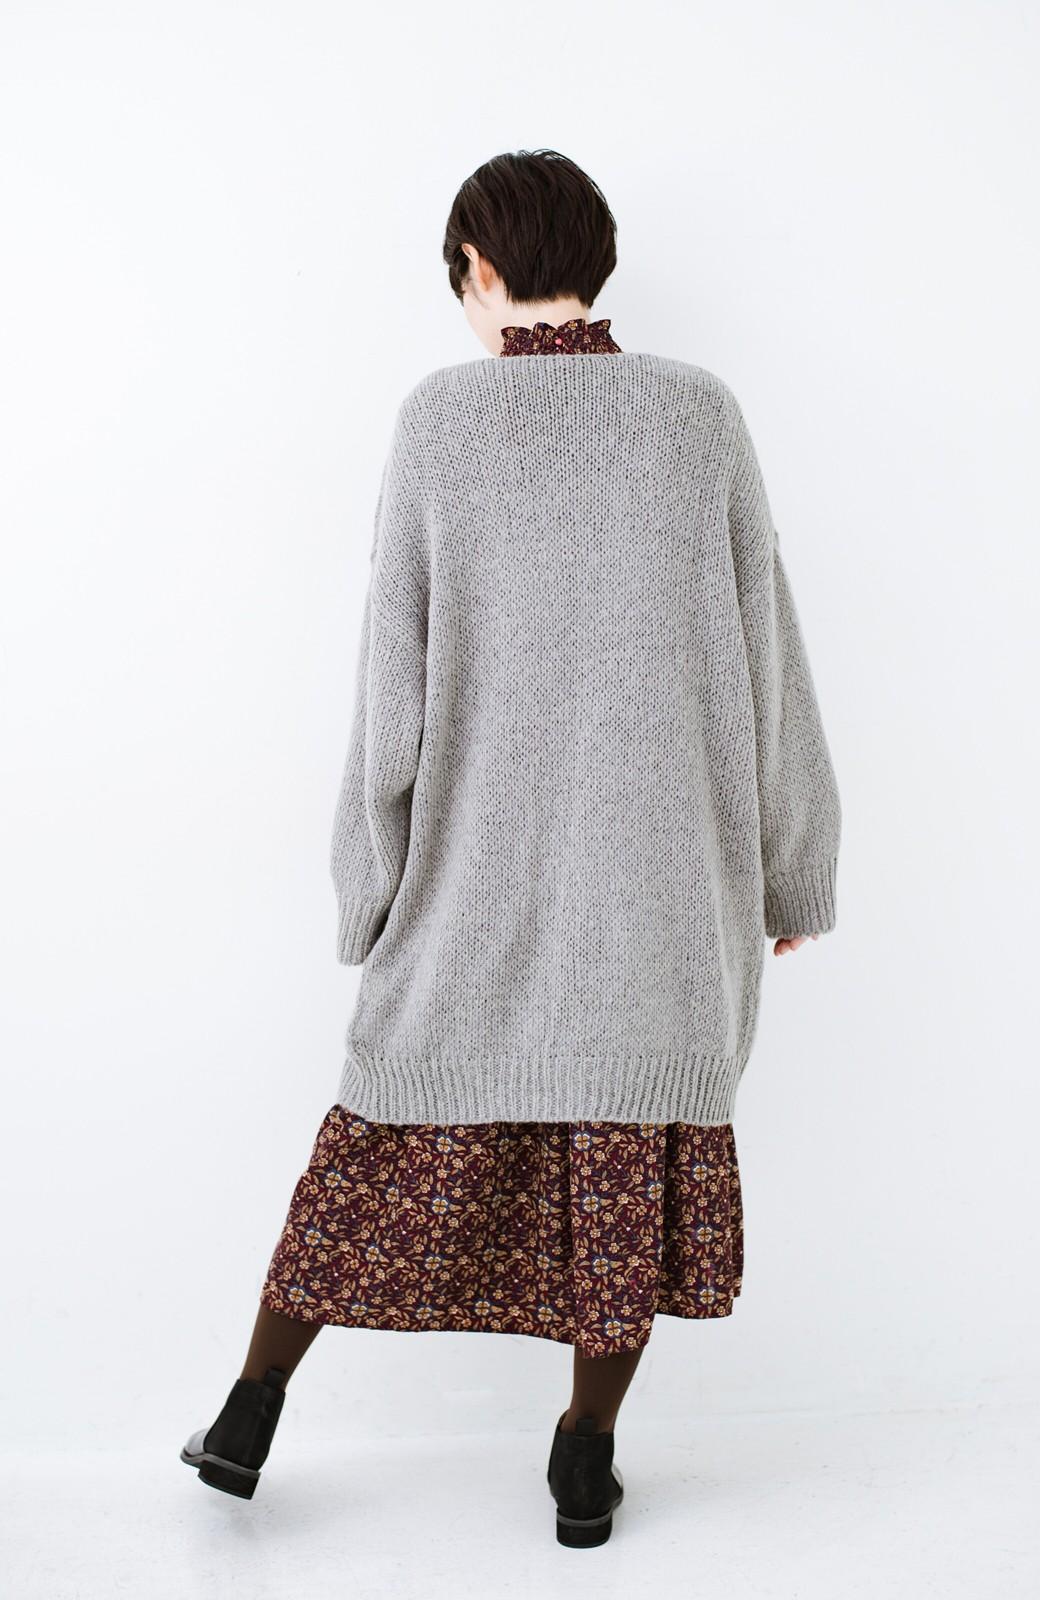 haco! ゆるゆるゆる編みで軽やかにかわいくなれる 前後ろ2WAYカーディガン <杢グレー>の商品写真15